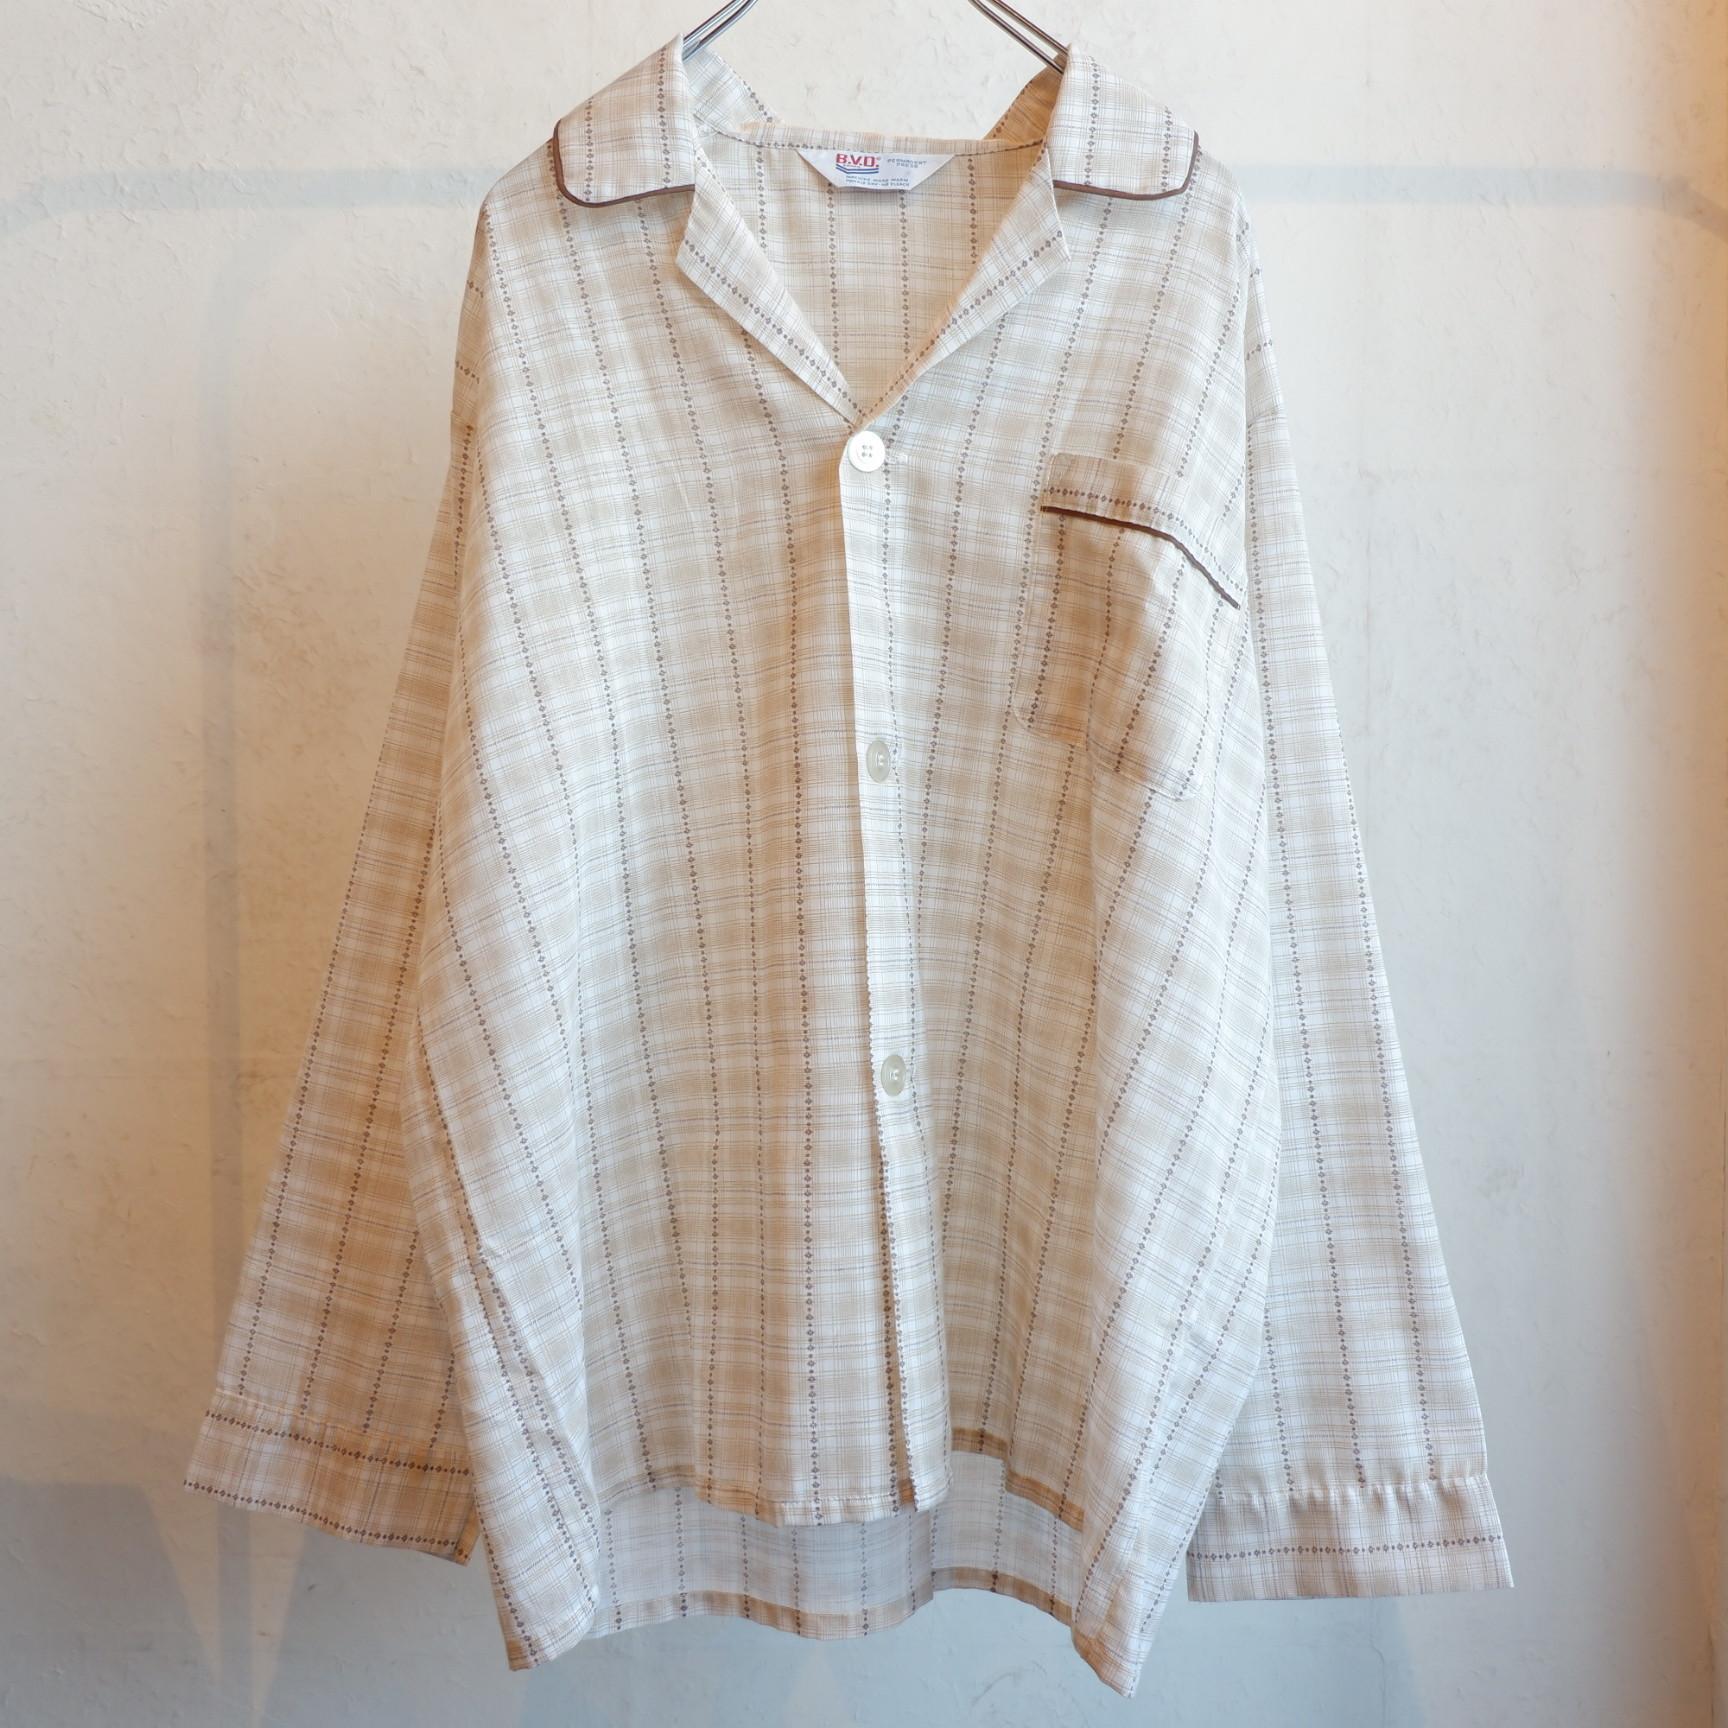 アメリカ古着 70s vintage B.V.D. パジャマシャツ